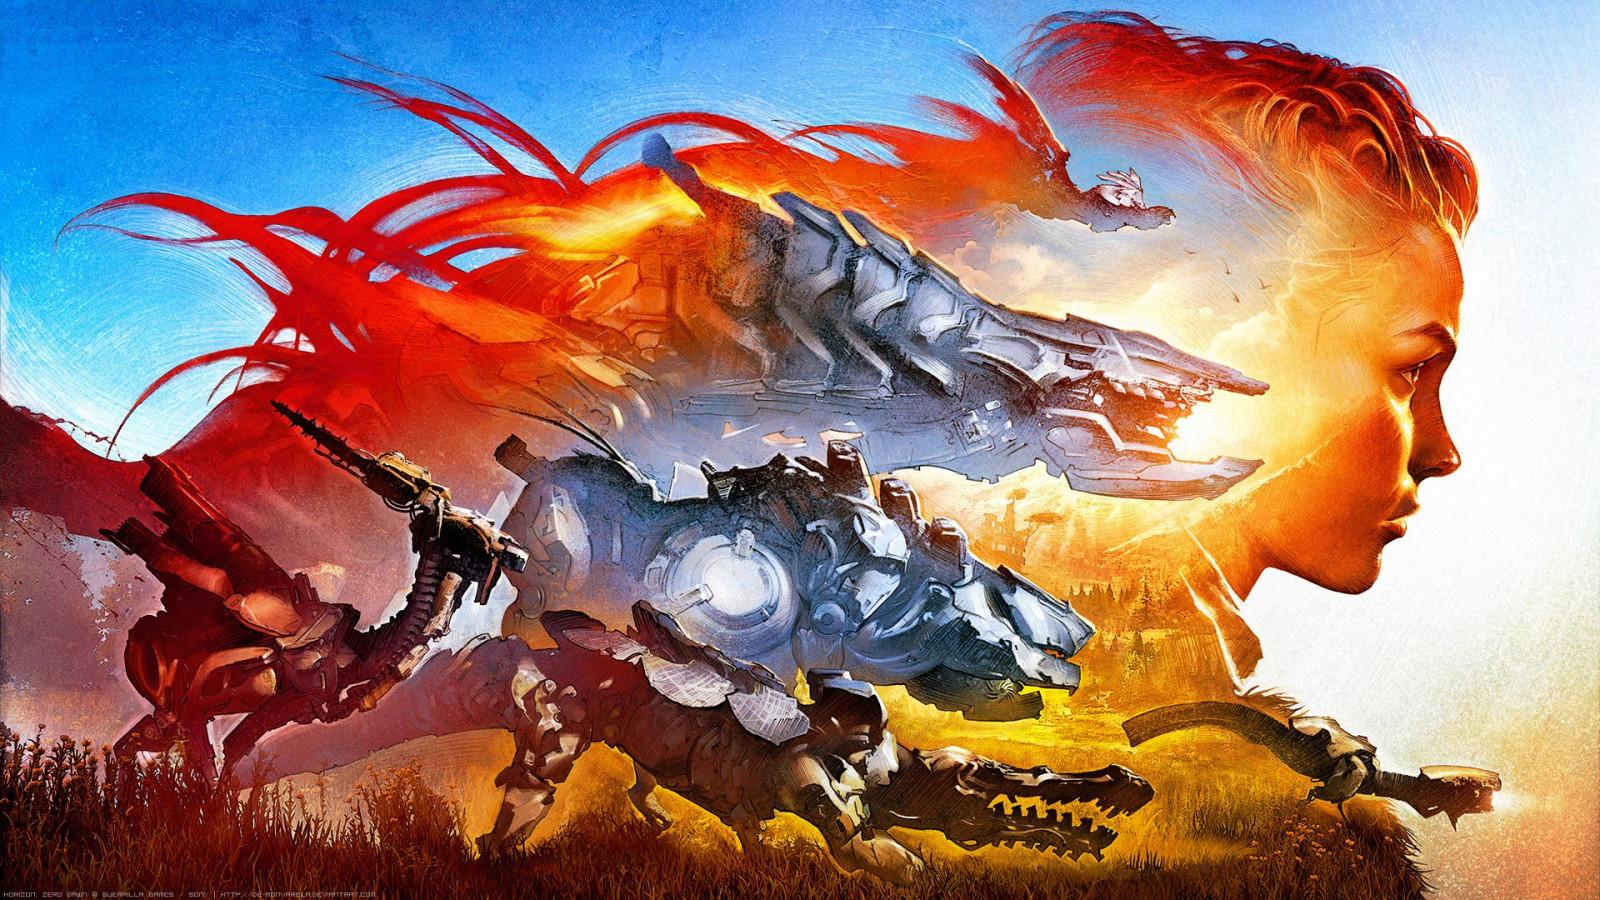 デスクトップ壁紙 図 Deviantart グラフィックデザイン ドラゴン 透かし入りの 神話 ホライゾンゼロドーン アート グラフィックス 19x1080 Px コンピュータの壁紙 架空の人物 フィクション 神秘的な生き物 水彩画 生物 アロイ ホライズンゼロ